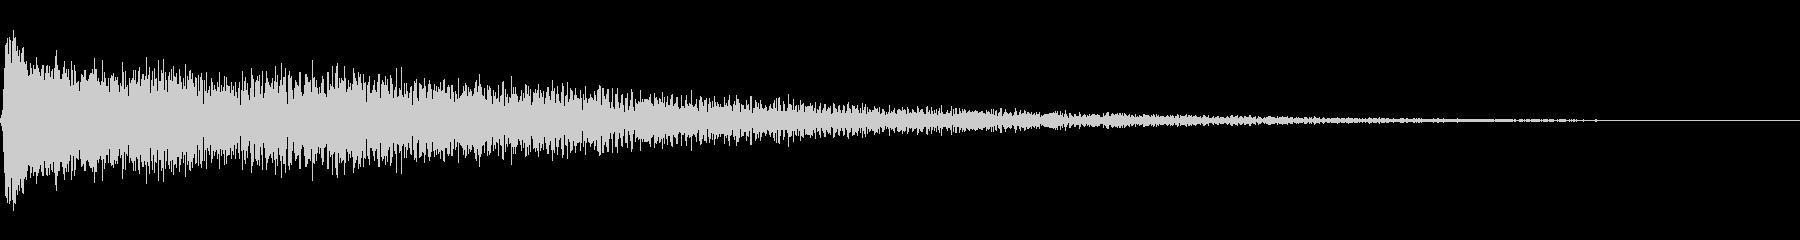 金属加工金属インパクトヘルズベルの未再生の波形